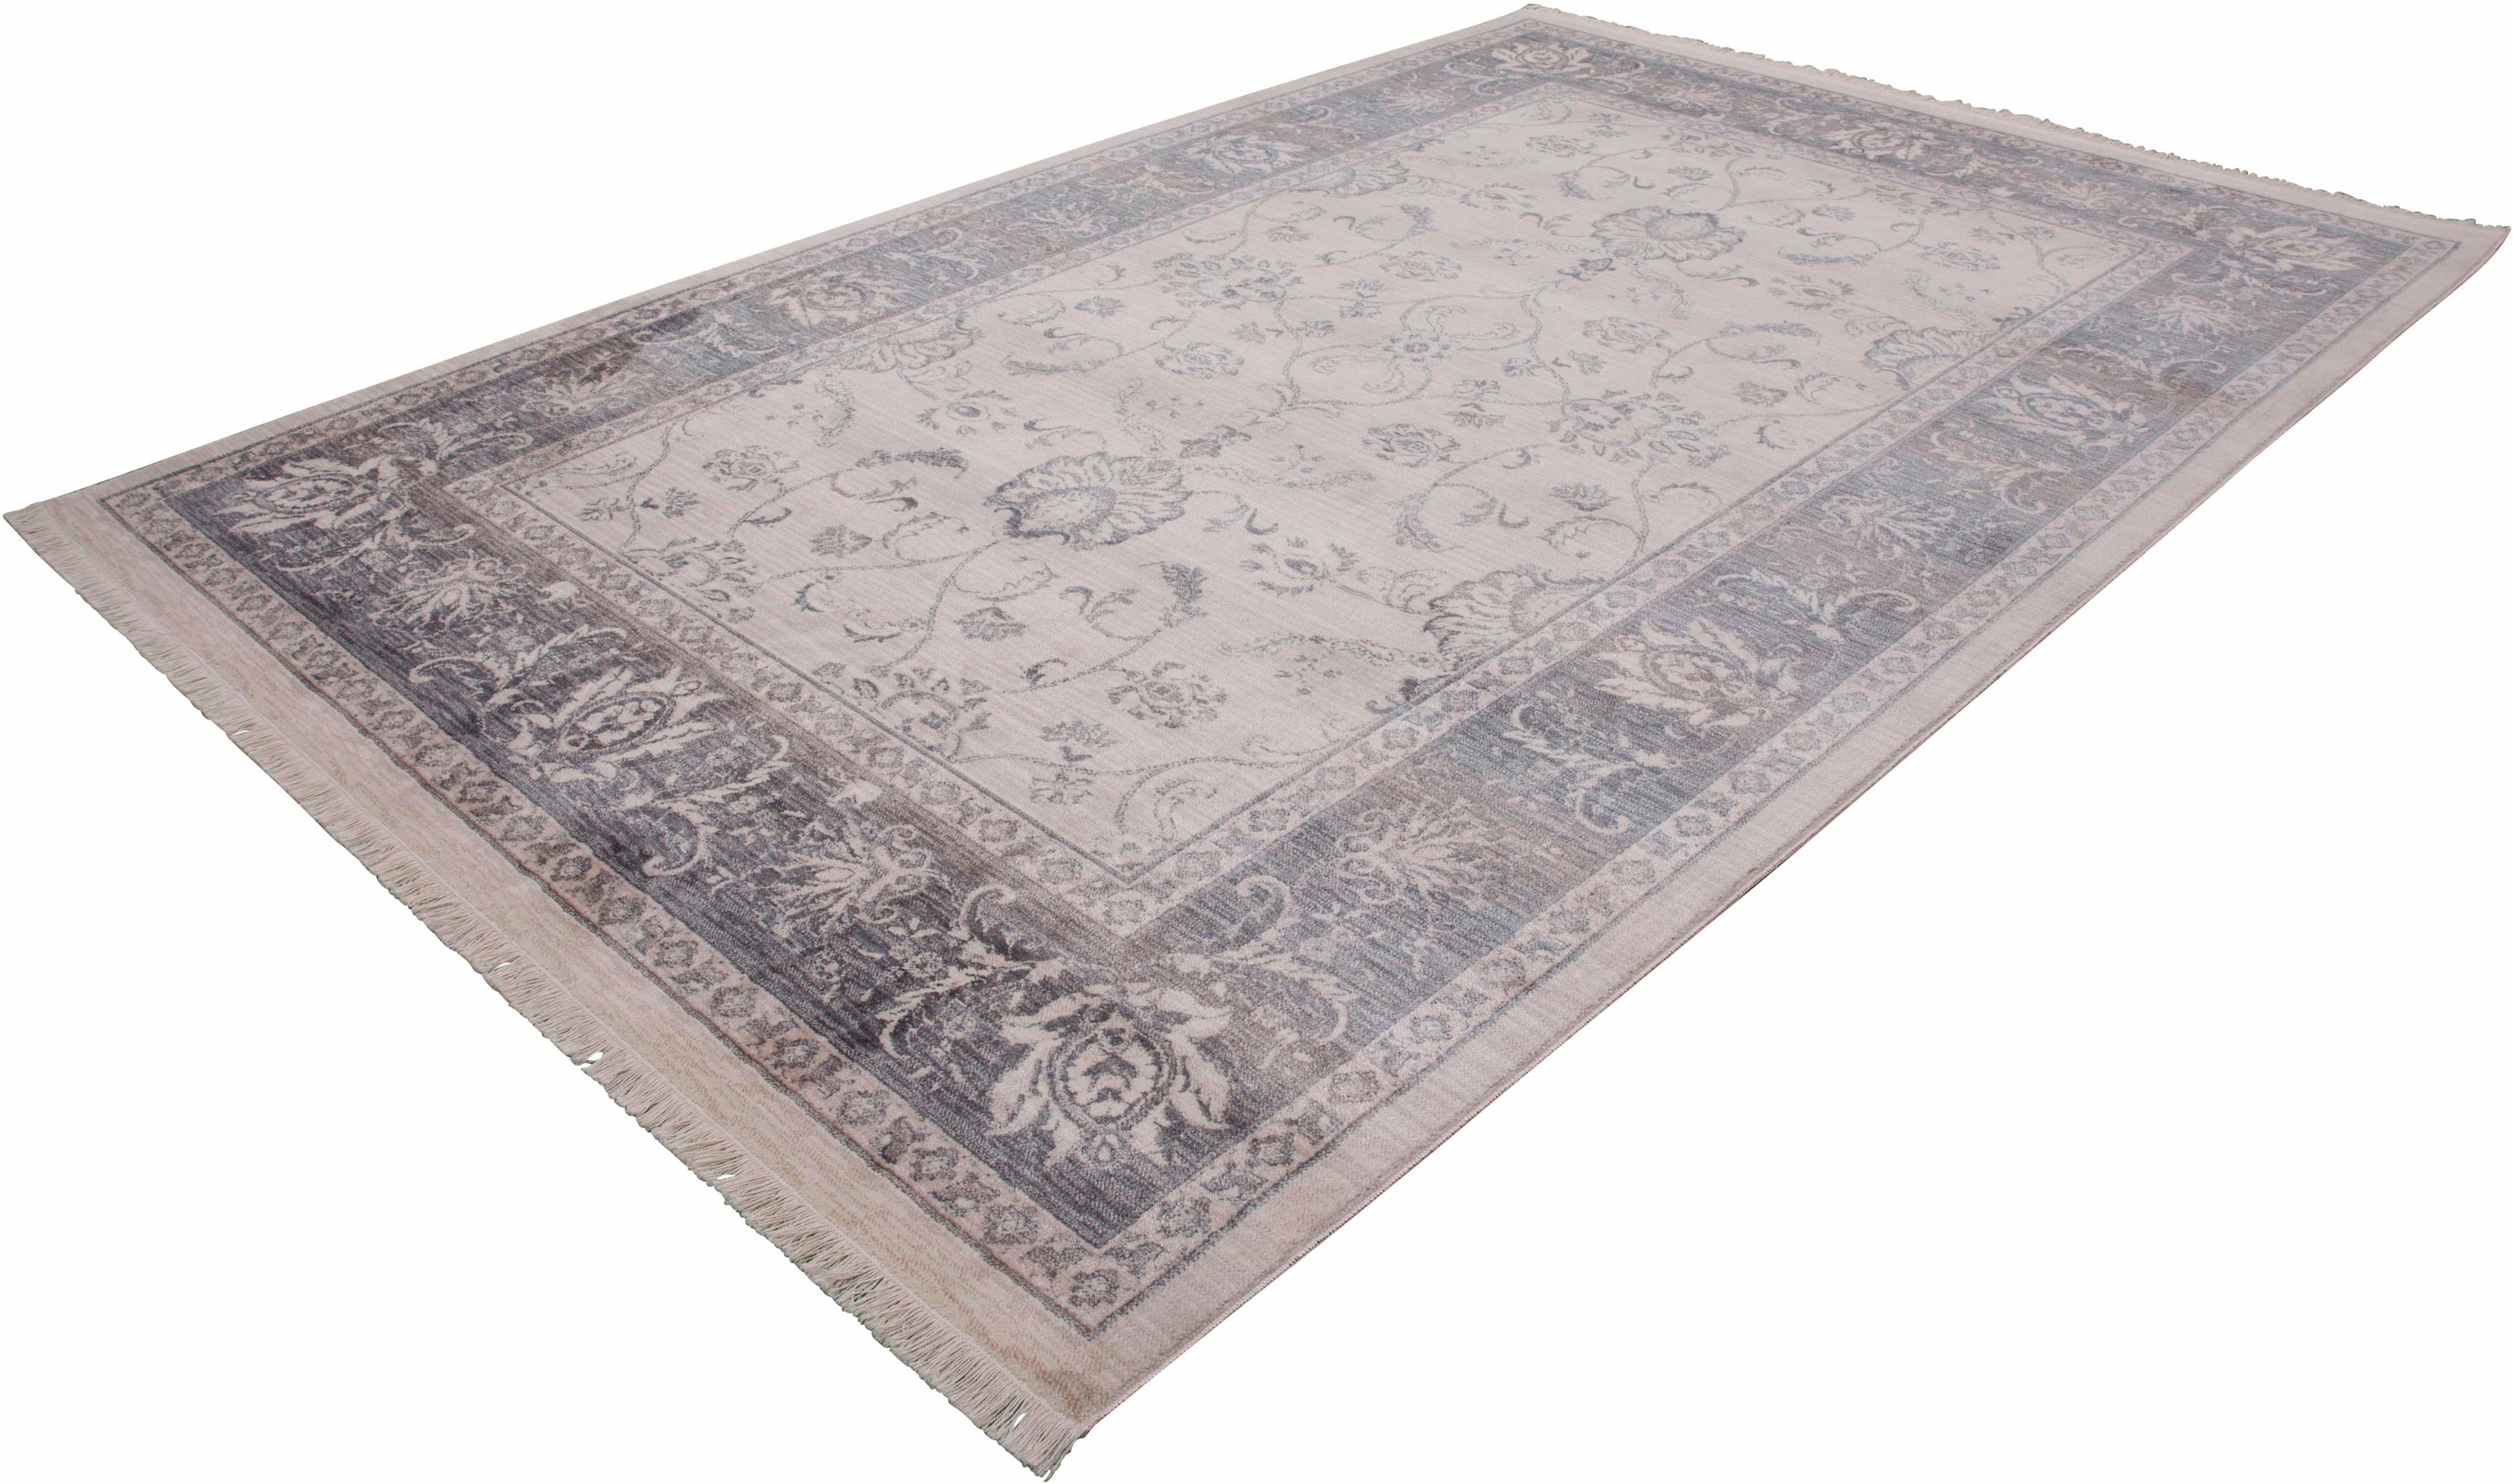 Teppich Vintage 700 LALEE rechteckig Höhe 7 mm maschinell gewebt